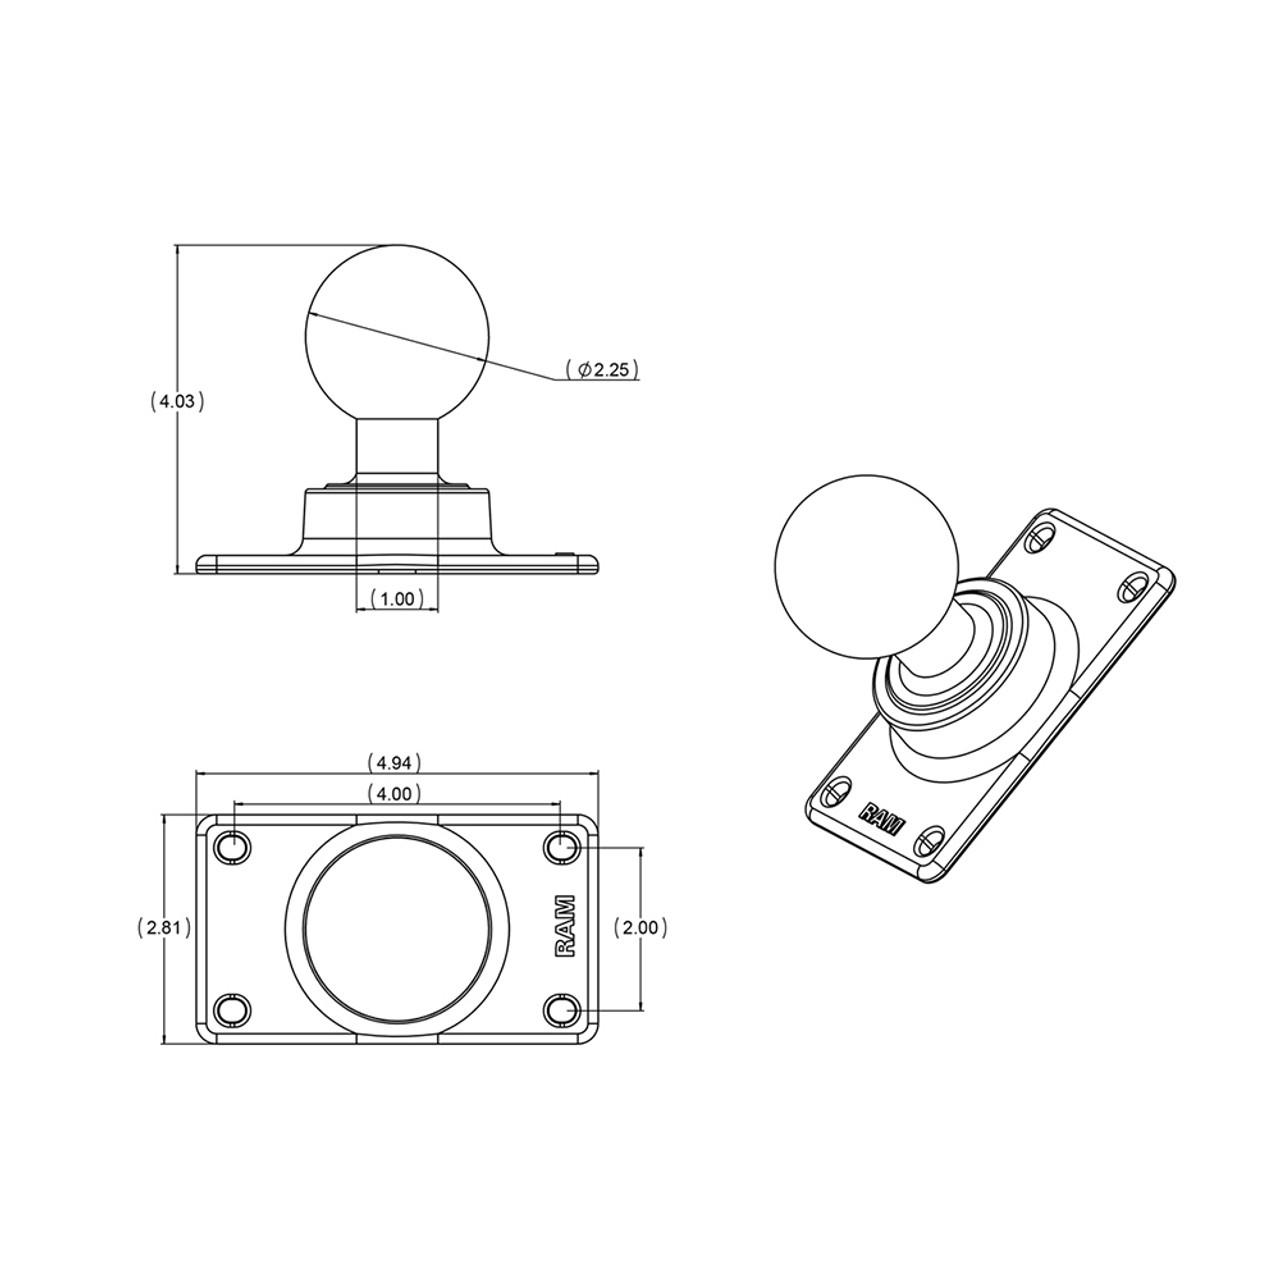 """RAM Mount 50mm x 100mm Half VESA Plate Adapter w\/D Size 2.25"""" Ball [RAM-D-243U]"""